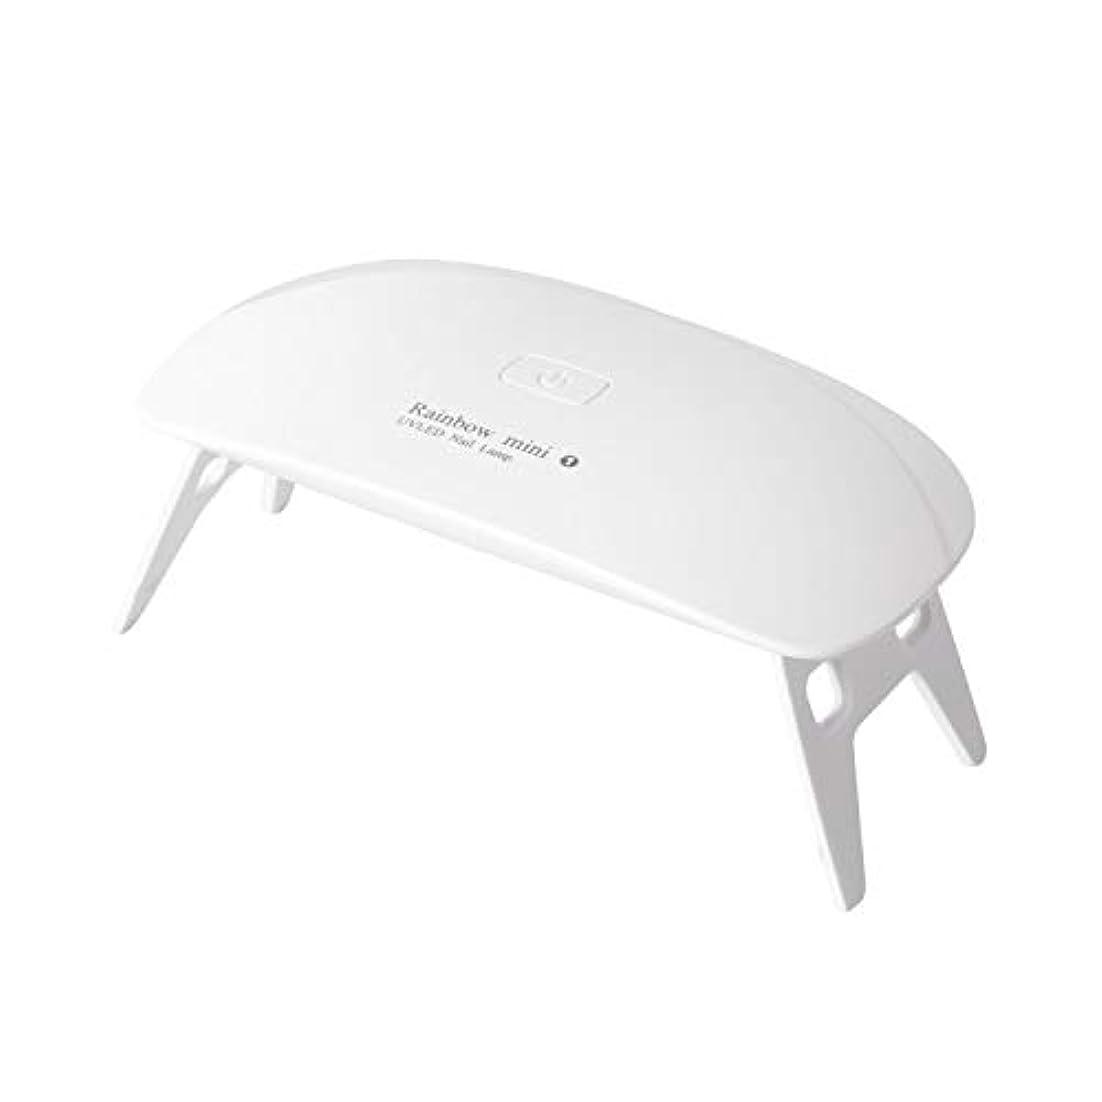 磁石磁石テンションLEDネイルドライヤー AmoVee UVライト 硬化用UVライト タイマー設定可能 折りたたみ式 ジェルネイル用 ホワイト